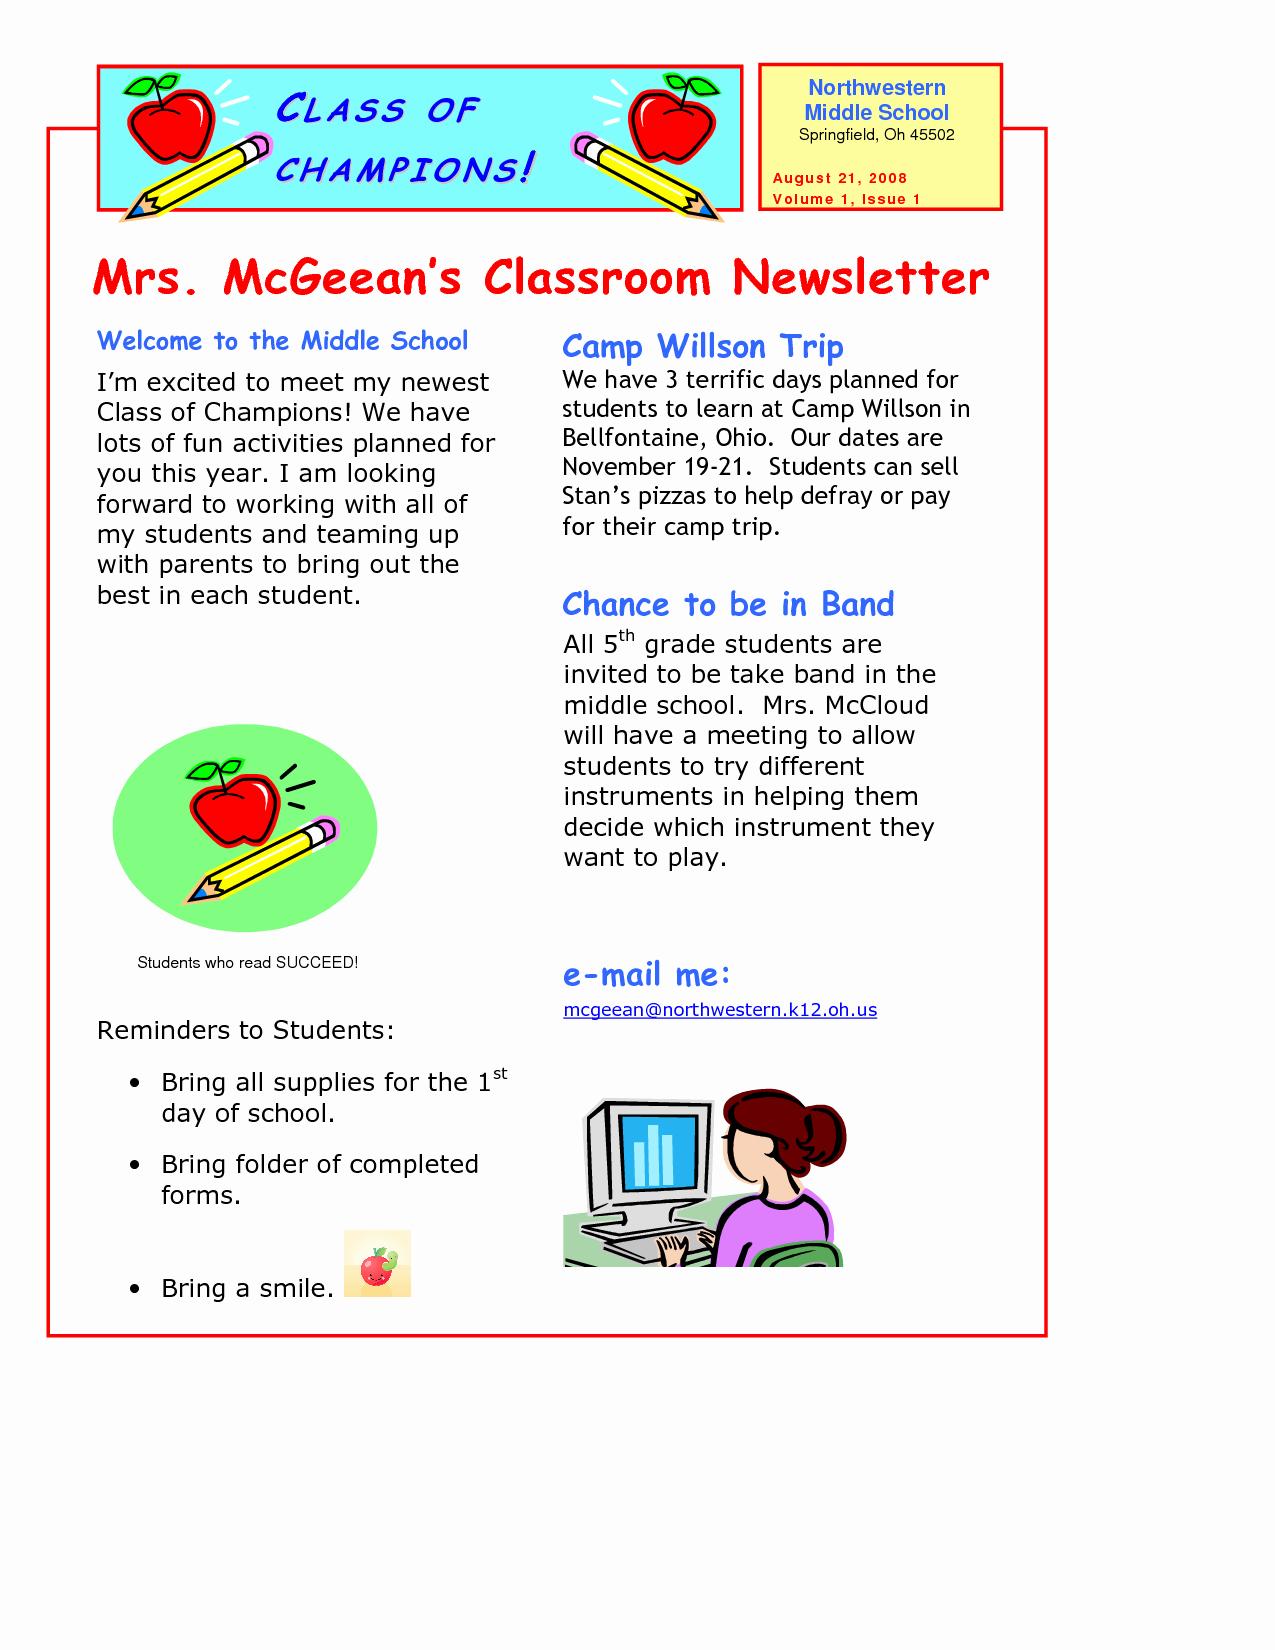 Newsletter Template for Teachers Lovely Classroom Newsletter Template